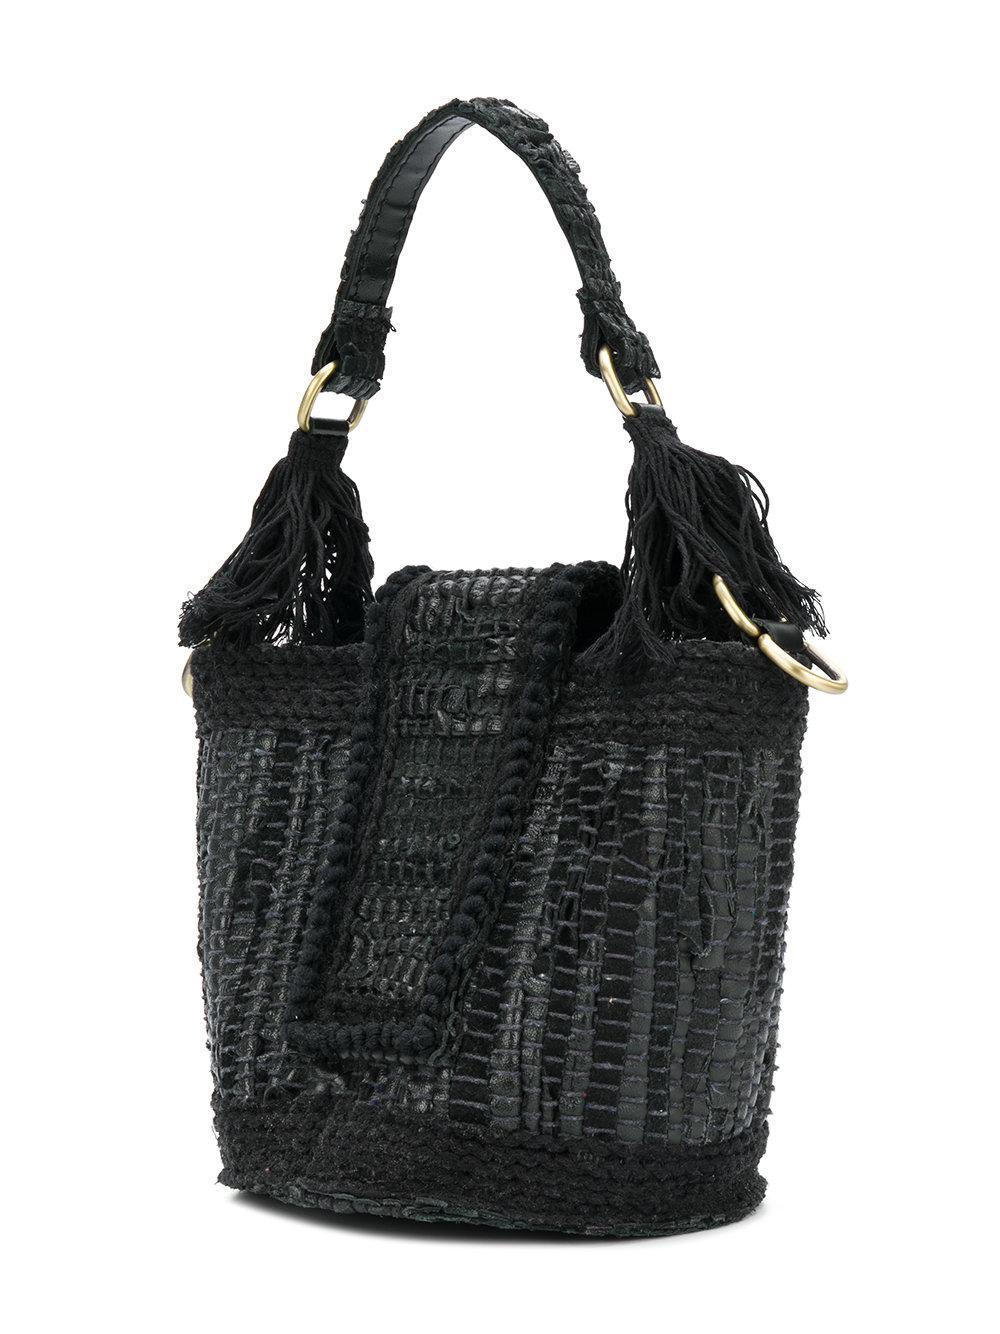 Kooreloo Leather Bucket Tote in Black